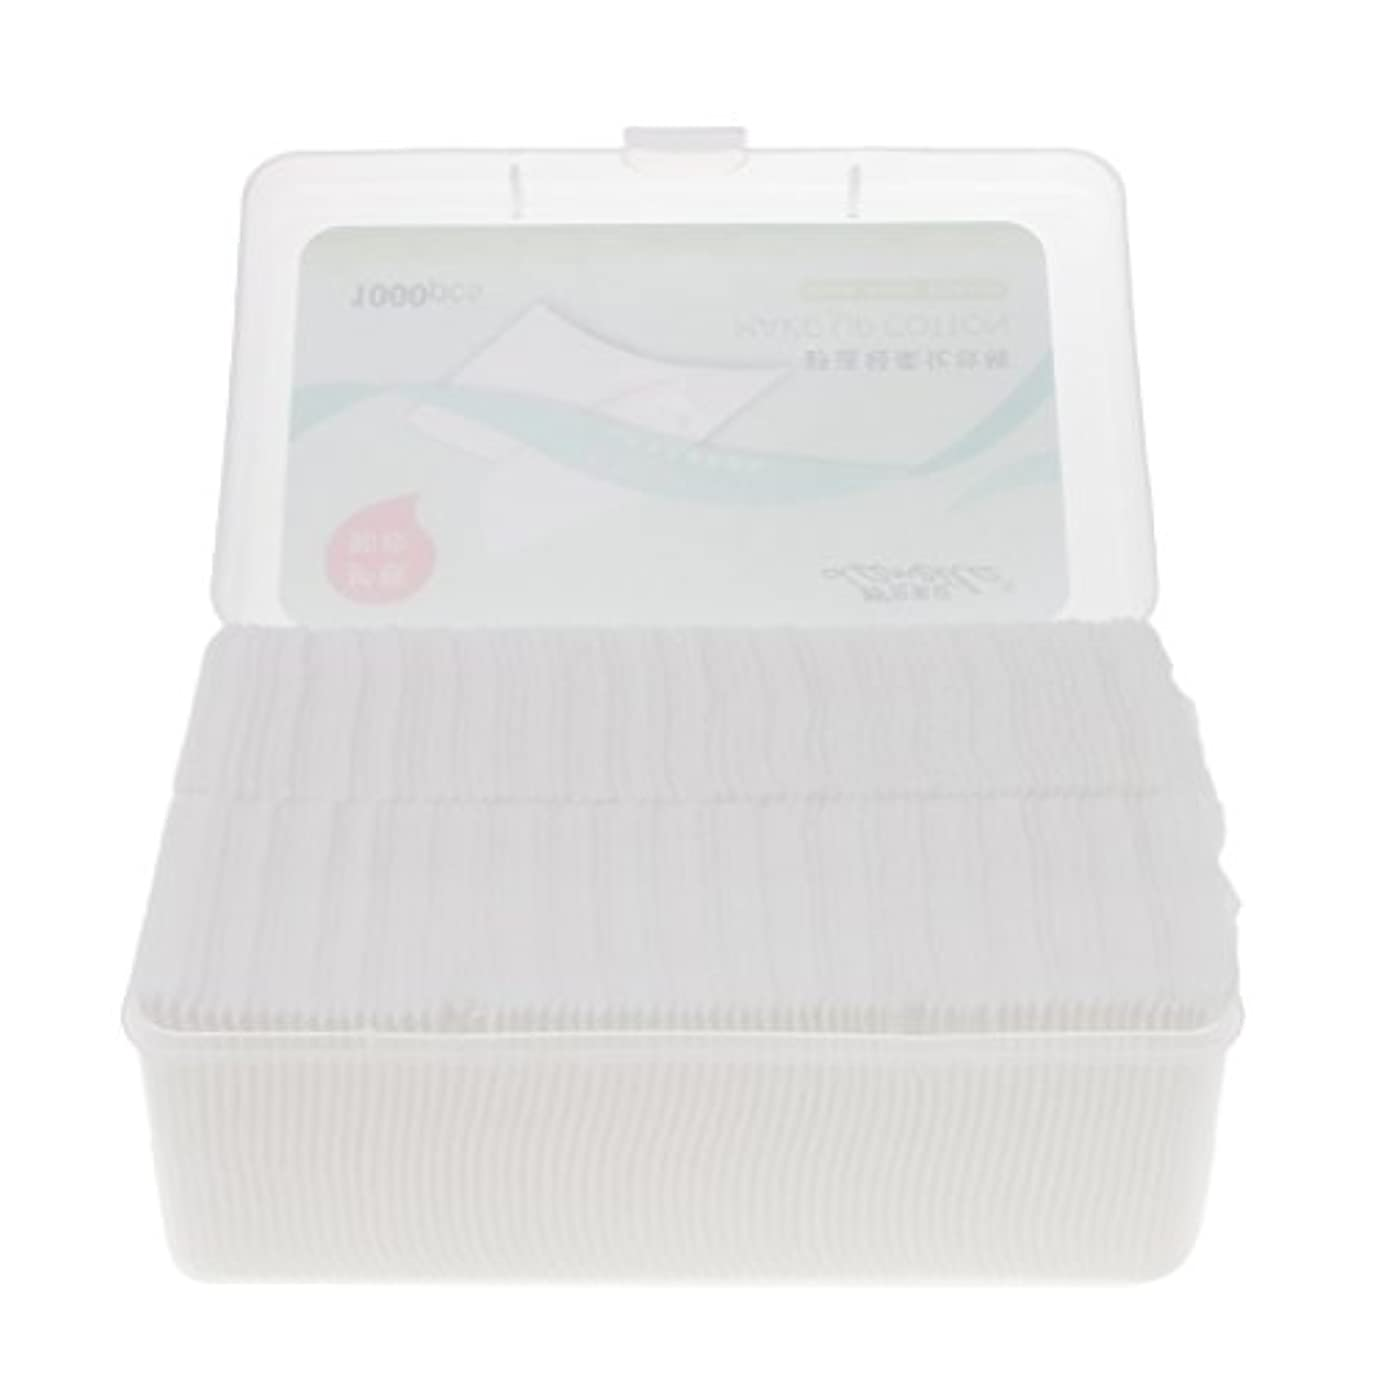 モードリンゴールニックネーム1000xソフトメイクリムーバーコットンパッド化粧品パフの顔の爪の拭き掃除